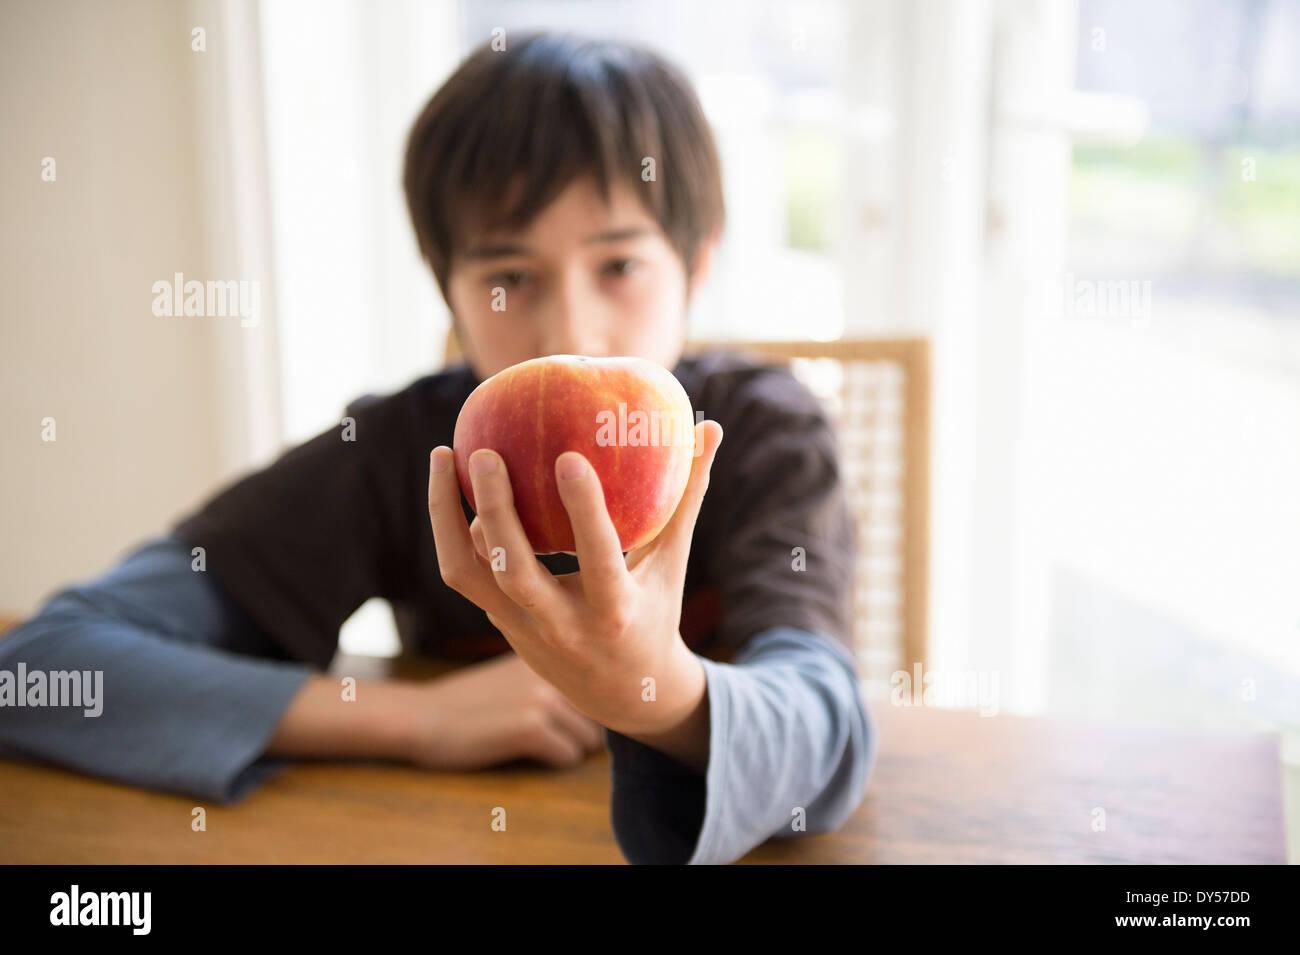 Ragazzo seduto a tavola, azienda apple davanti a lui Immagini Stock